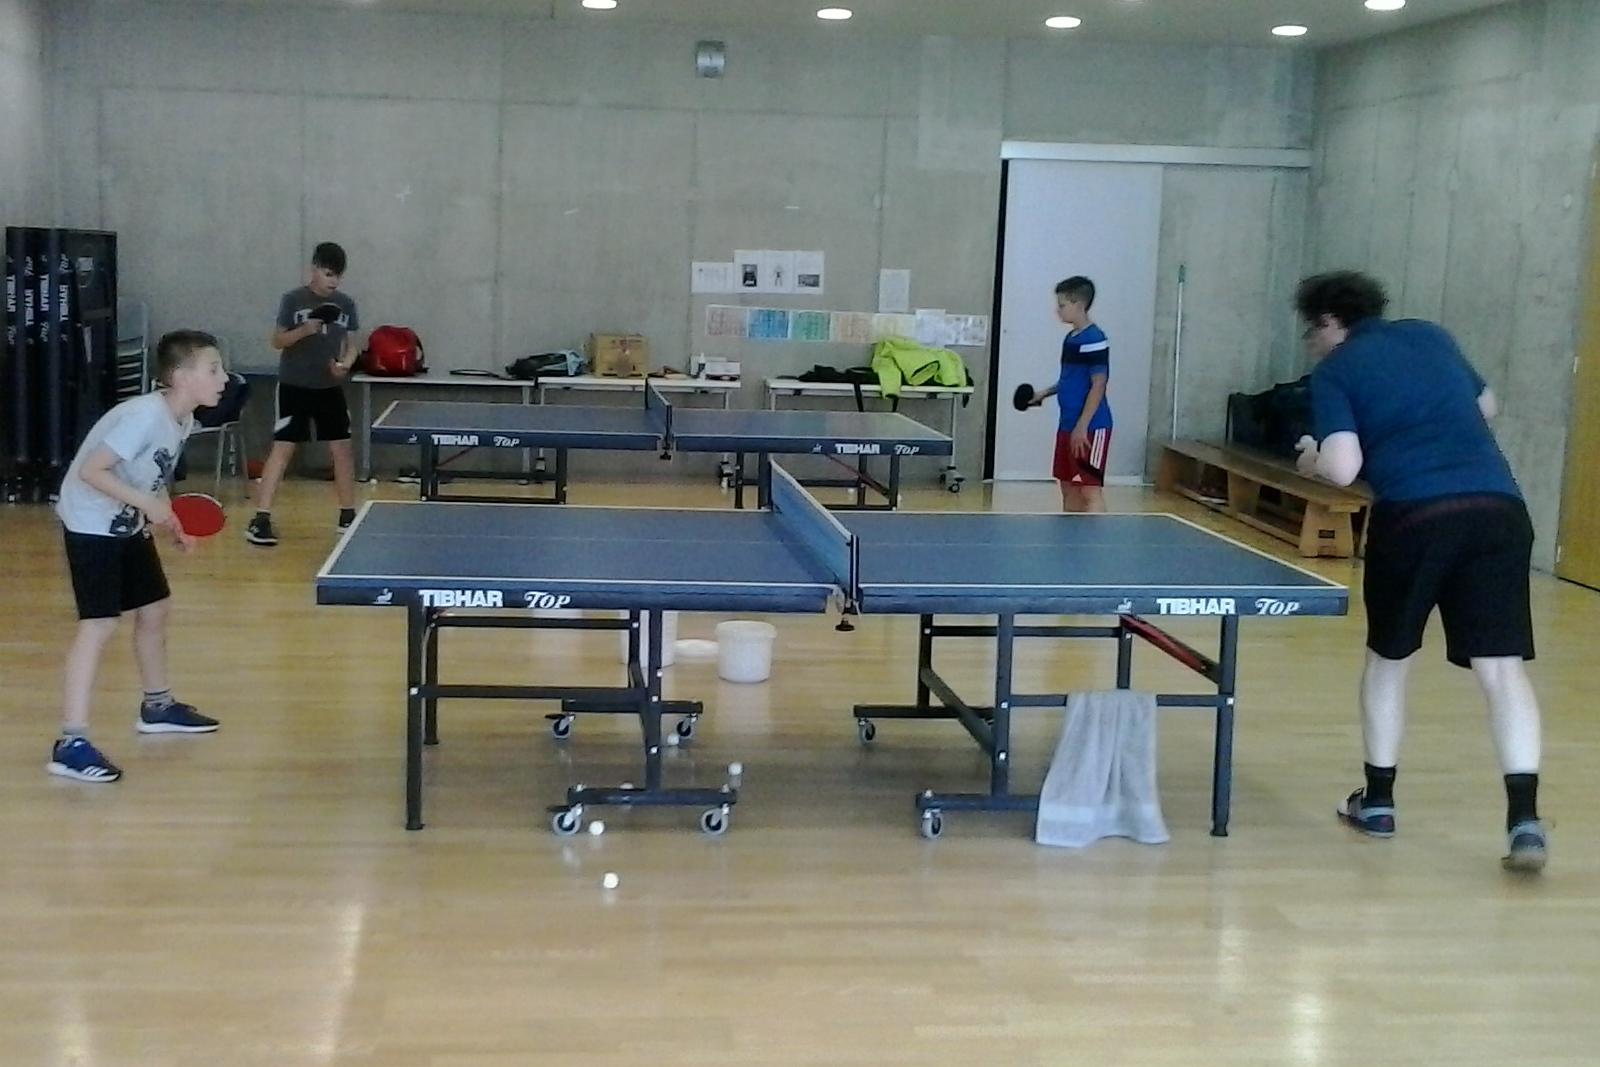 http://www.novigrad.hr/ctt_cittanova_il_campo_primaverile_di_tennistavolo